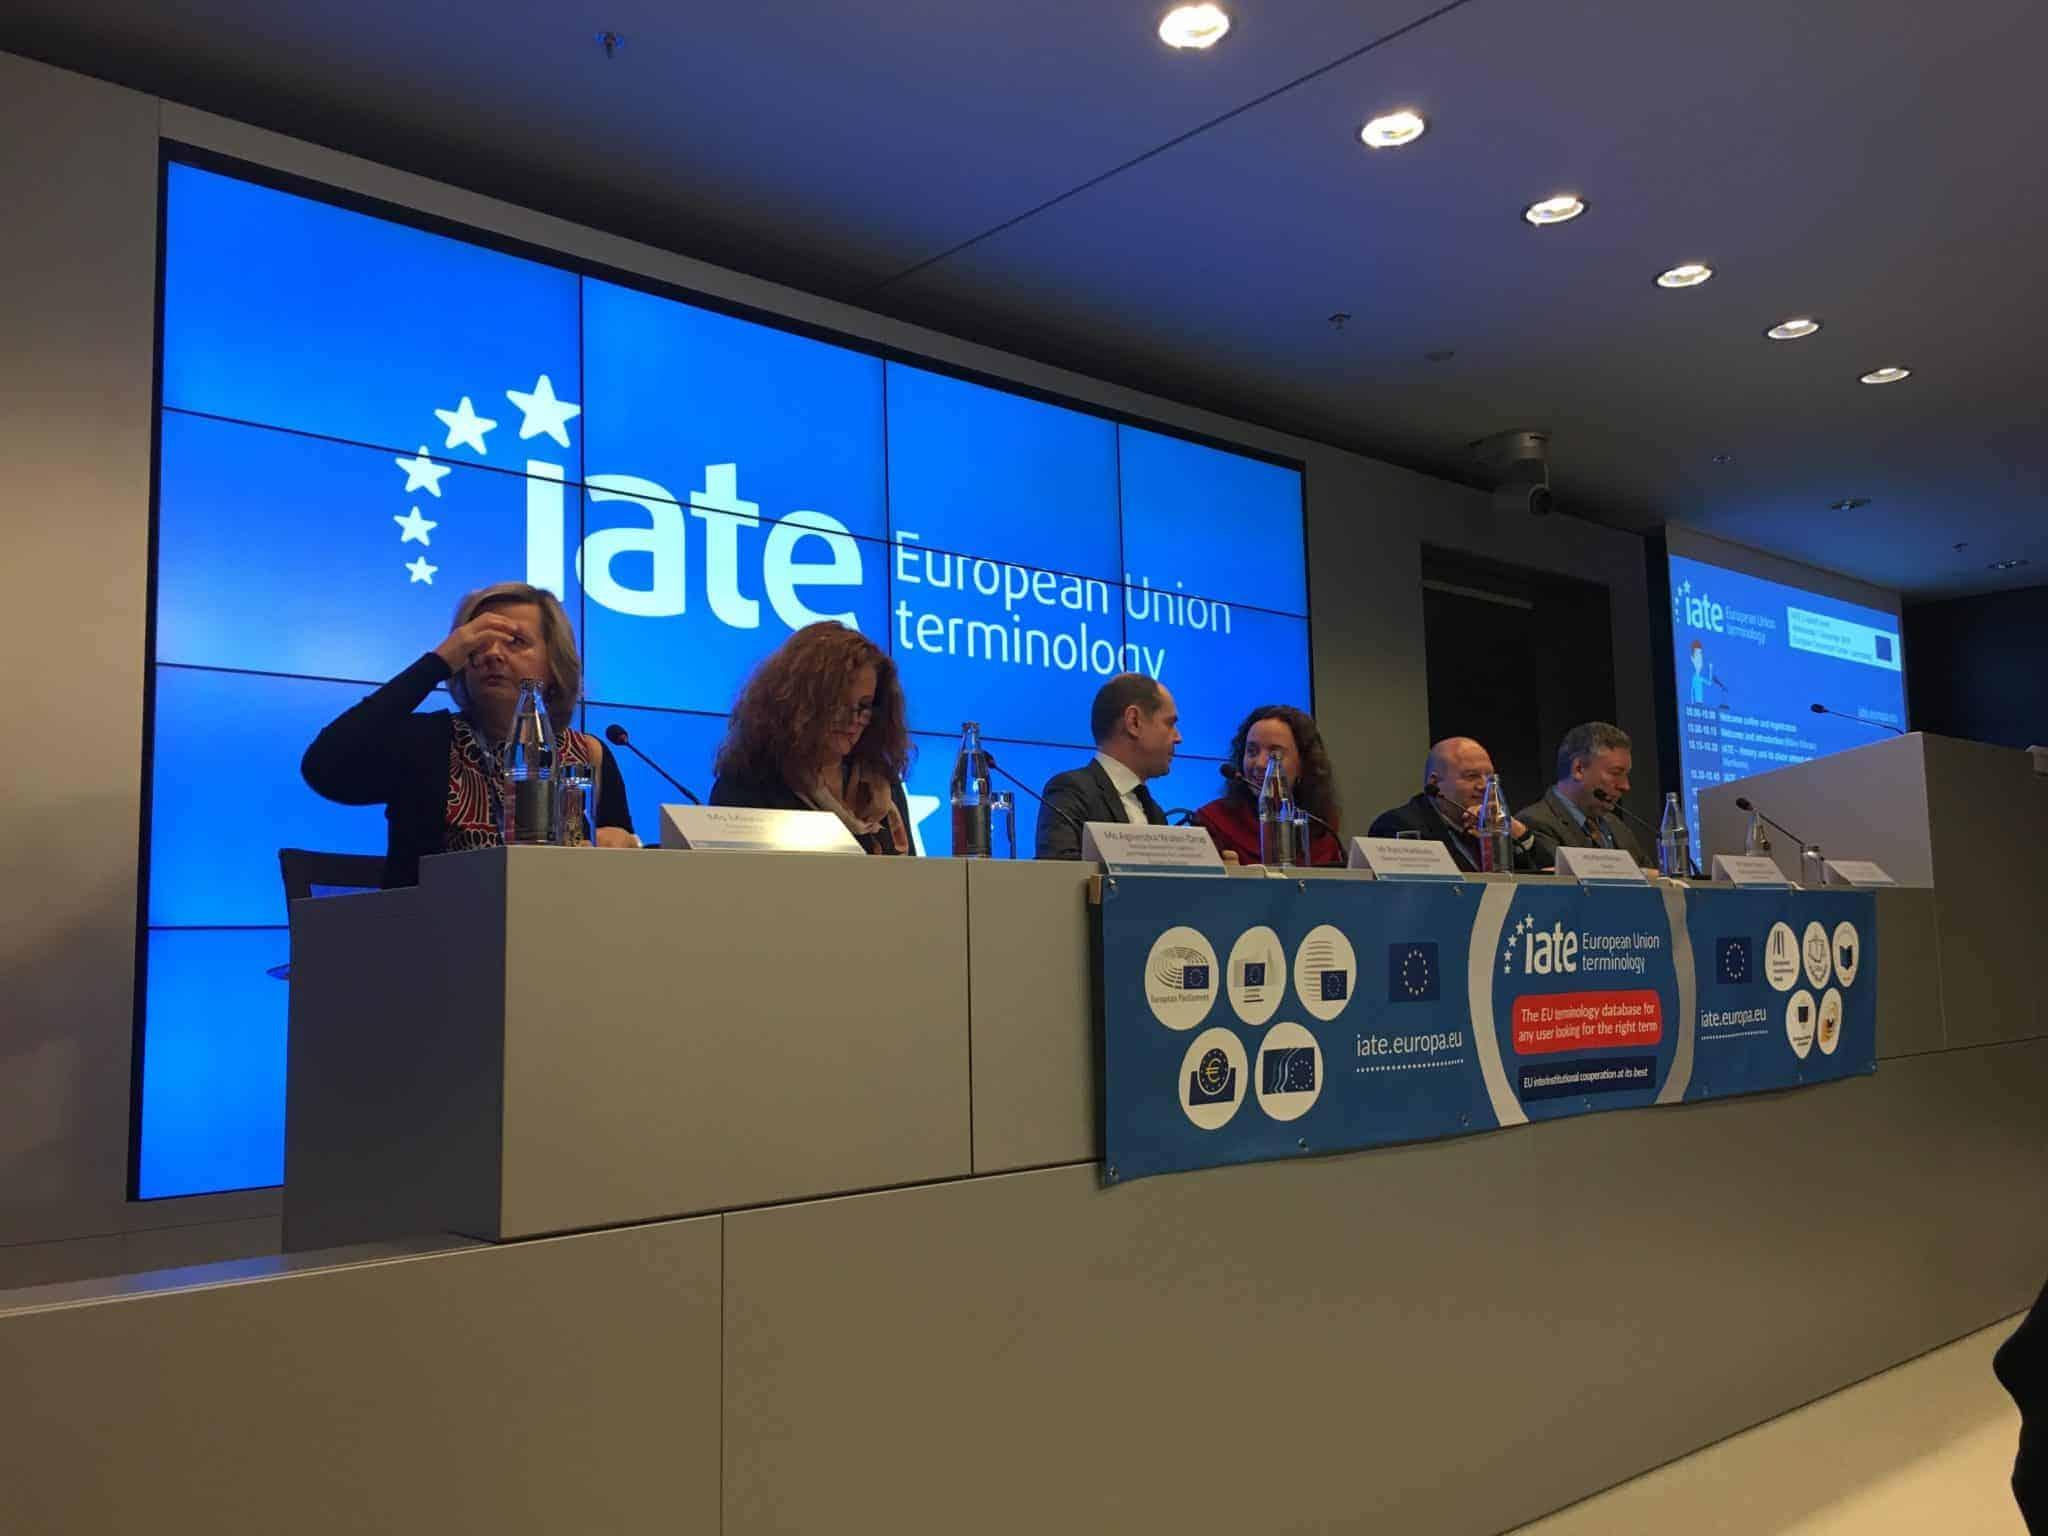 iate2-presentation